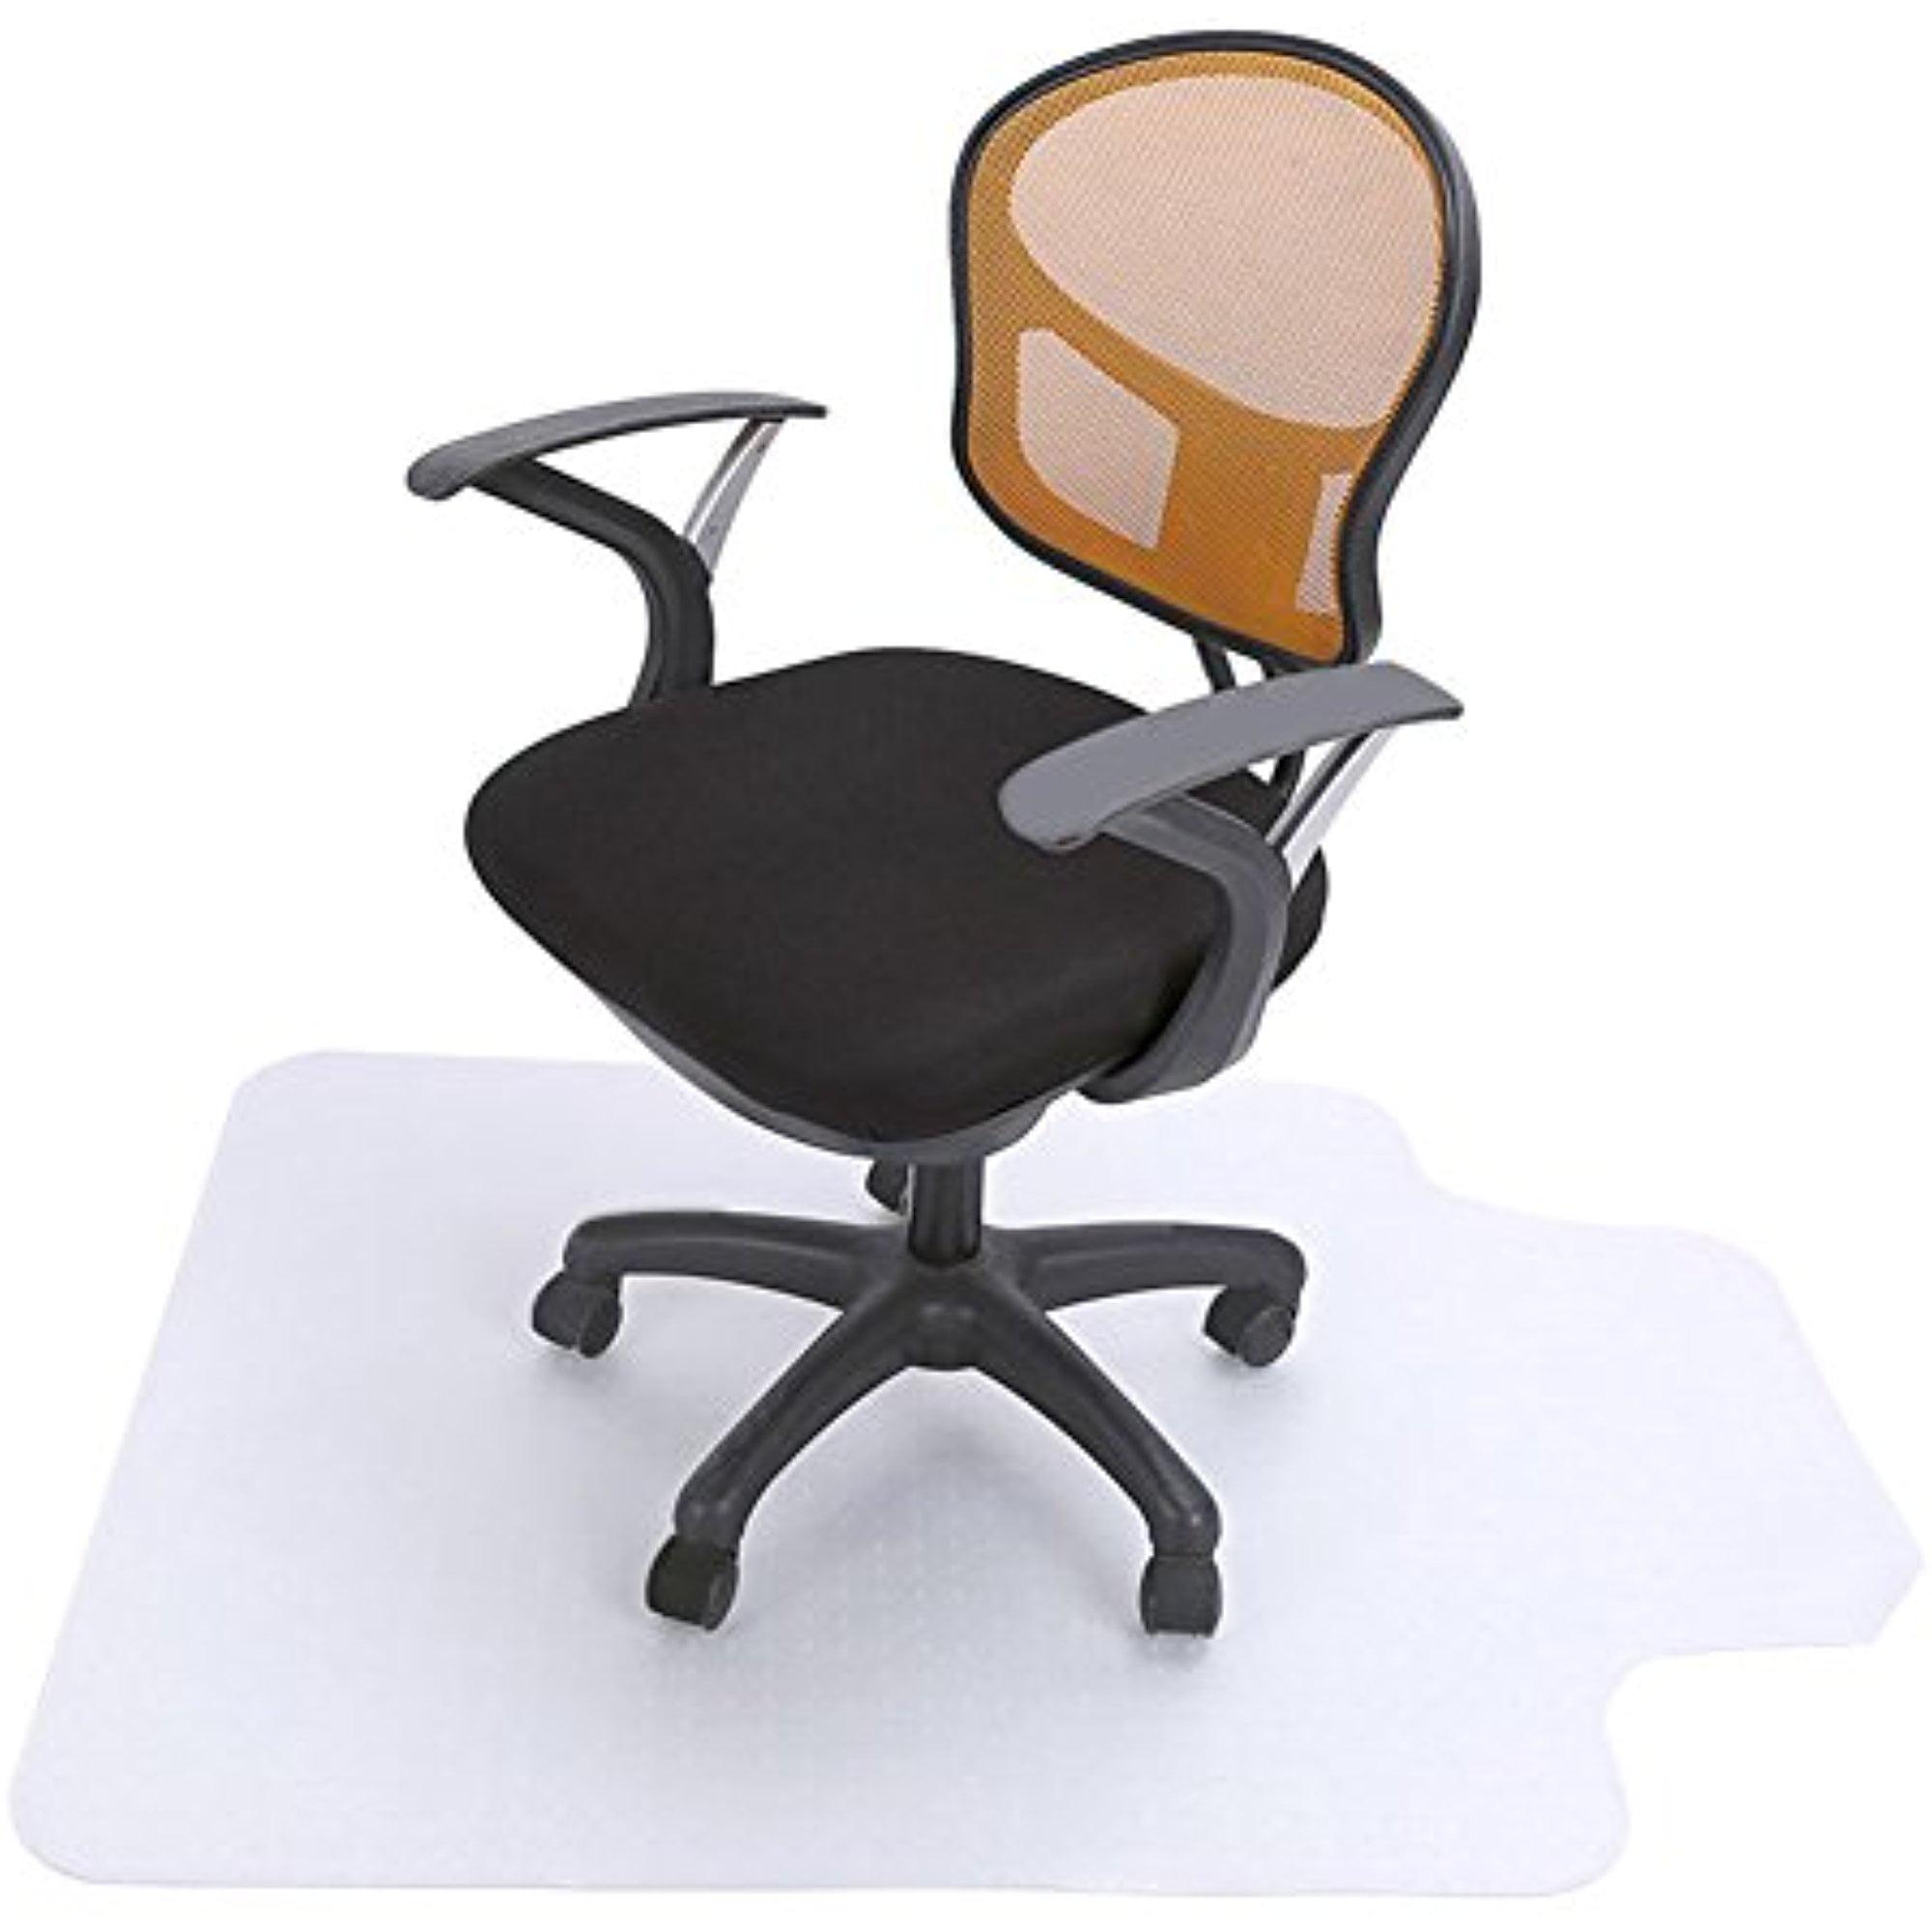 Carpet Chair Mats carpet chair mats